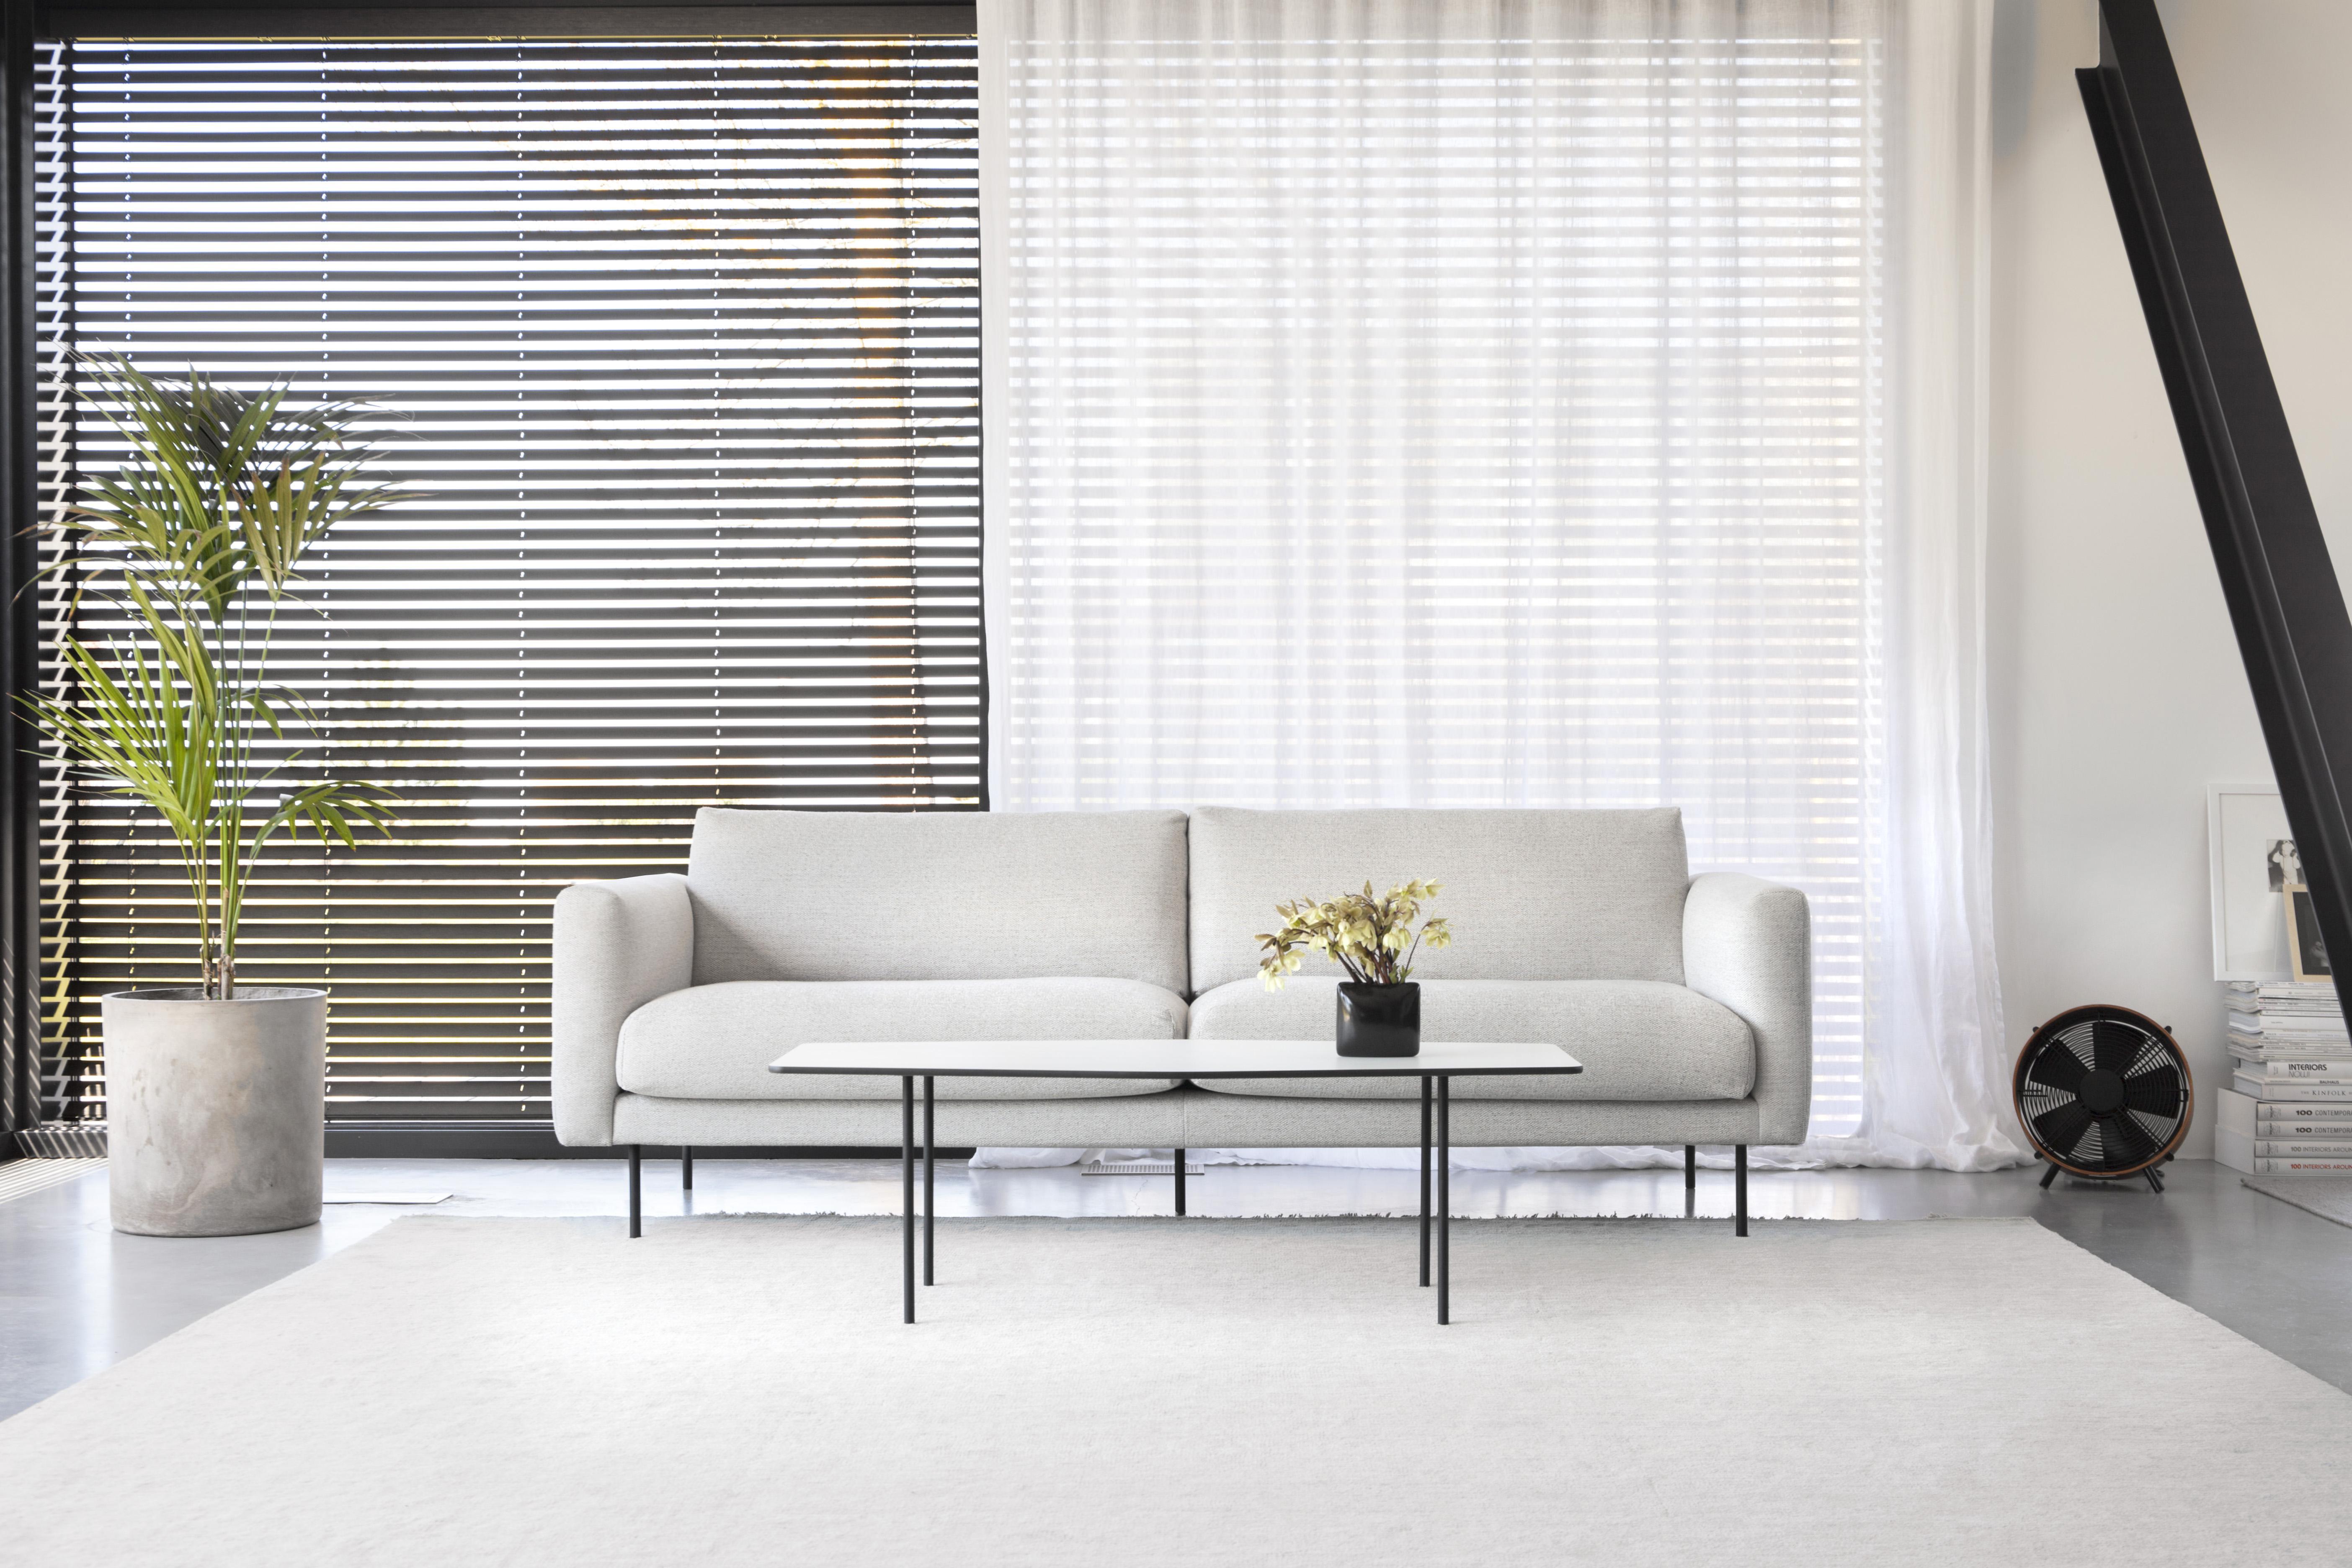 sofa sohva diivan couch